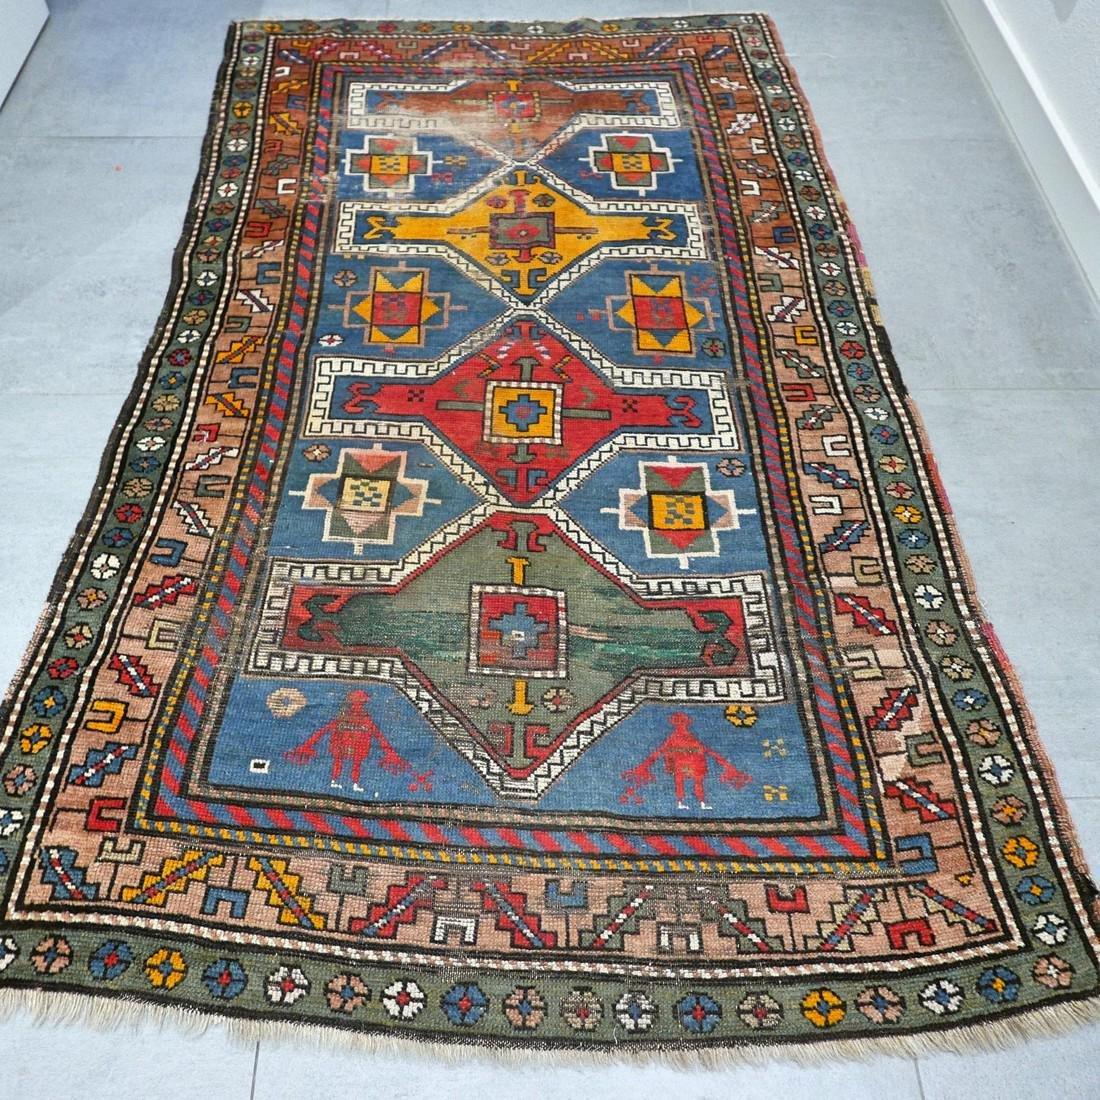 Antique Caucasian Kazak rug - 5.9 x 3.5 - collectors - 9